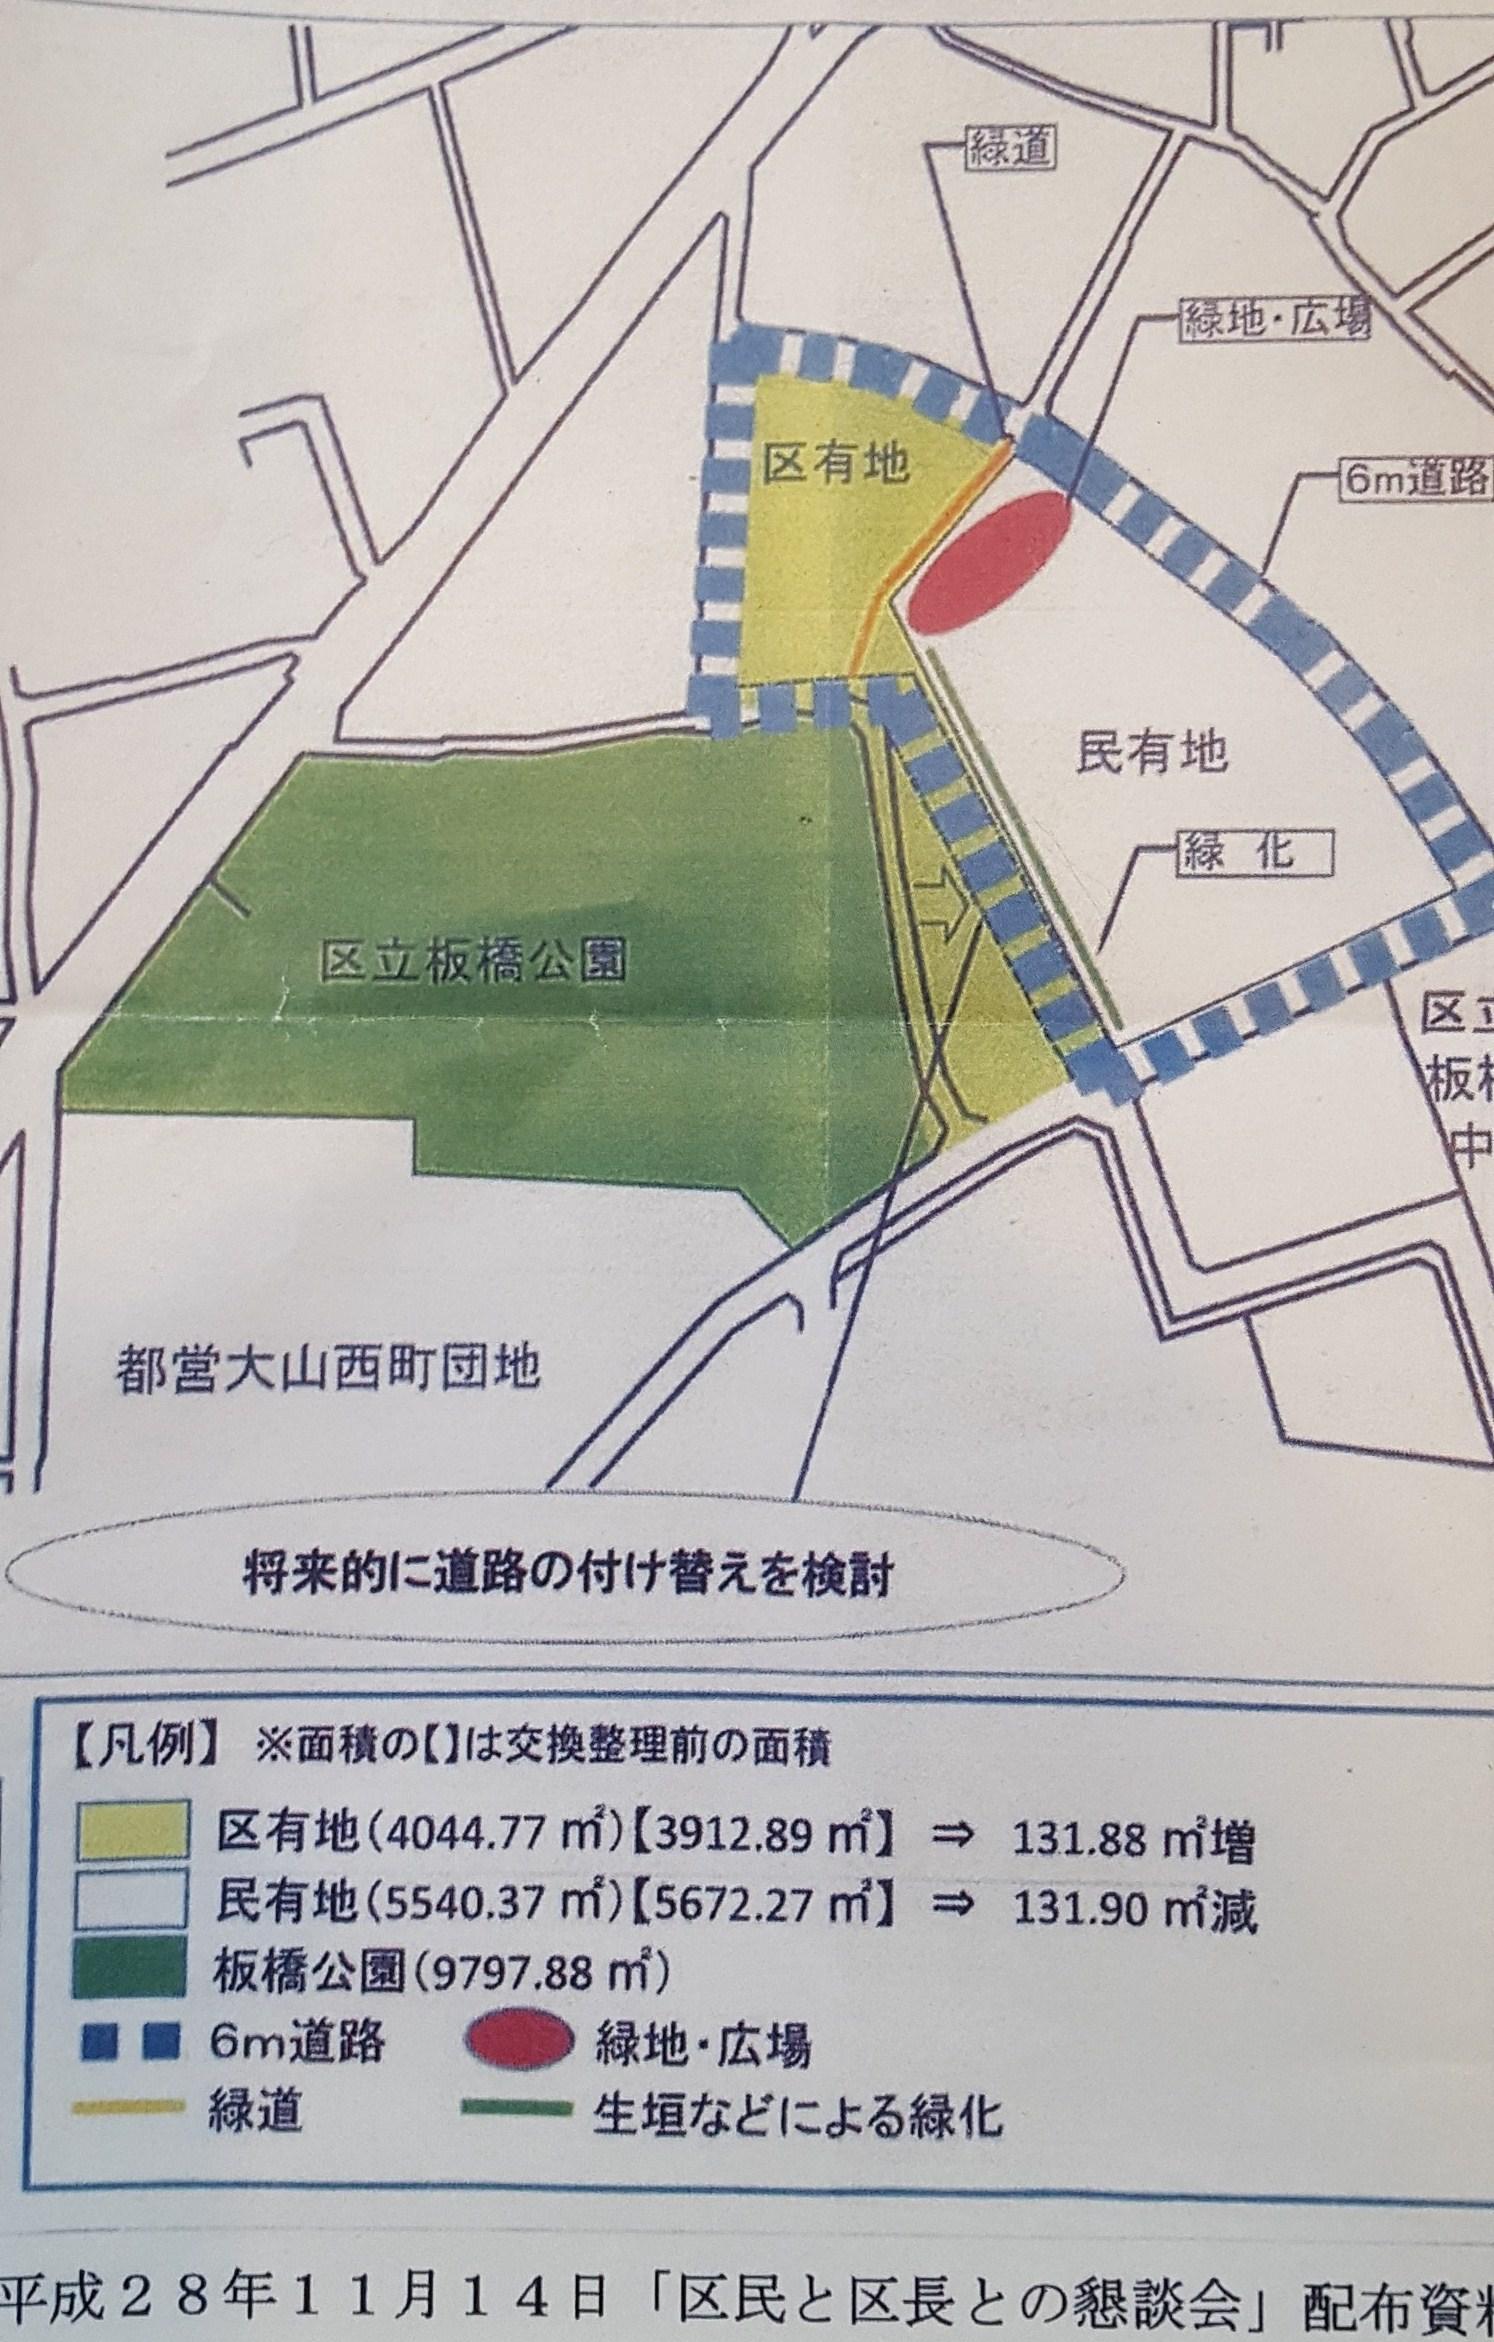 交通公園と旧大山小跡地平面図